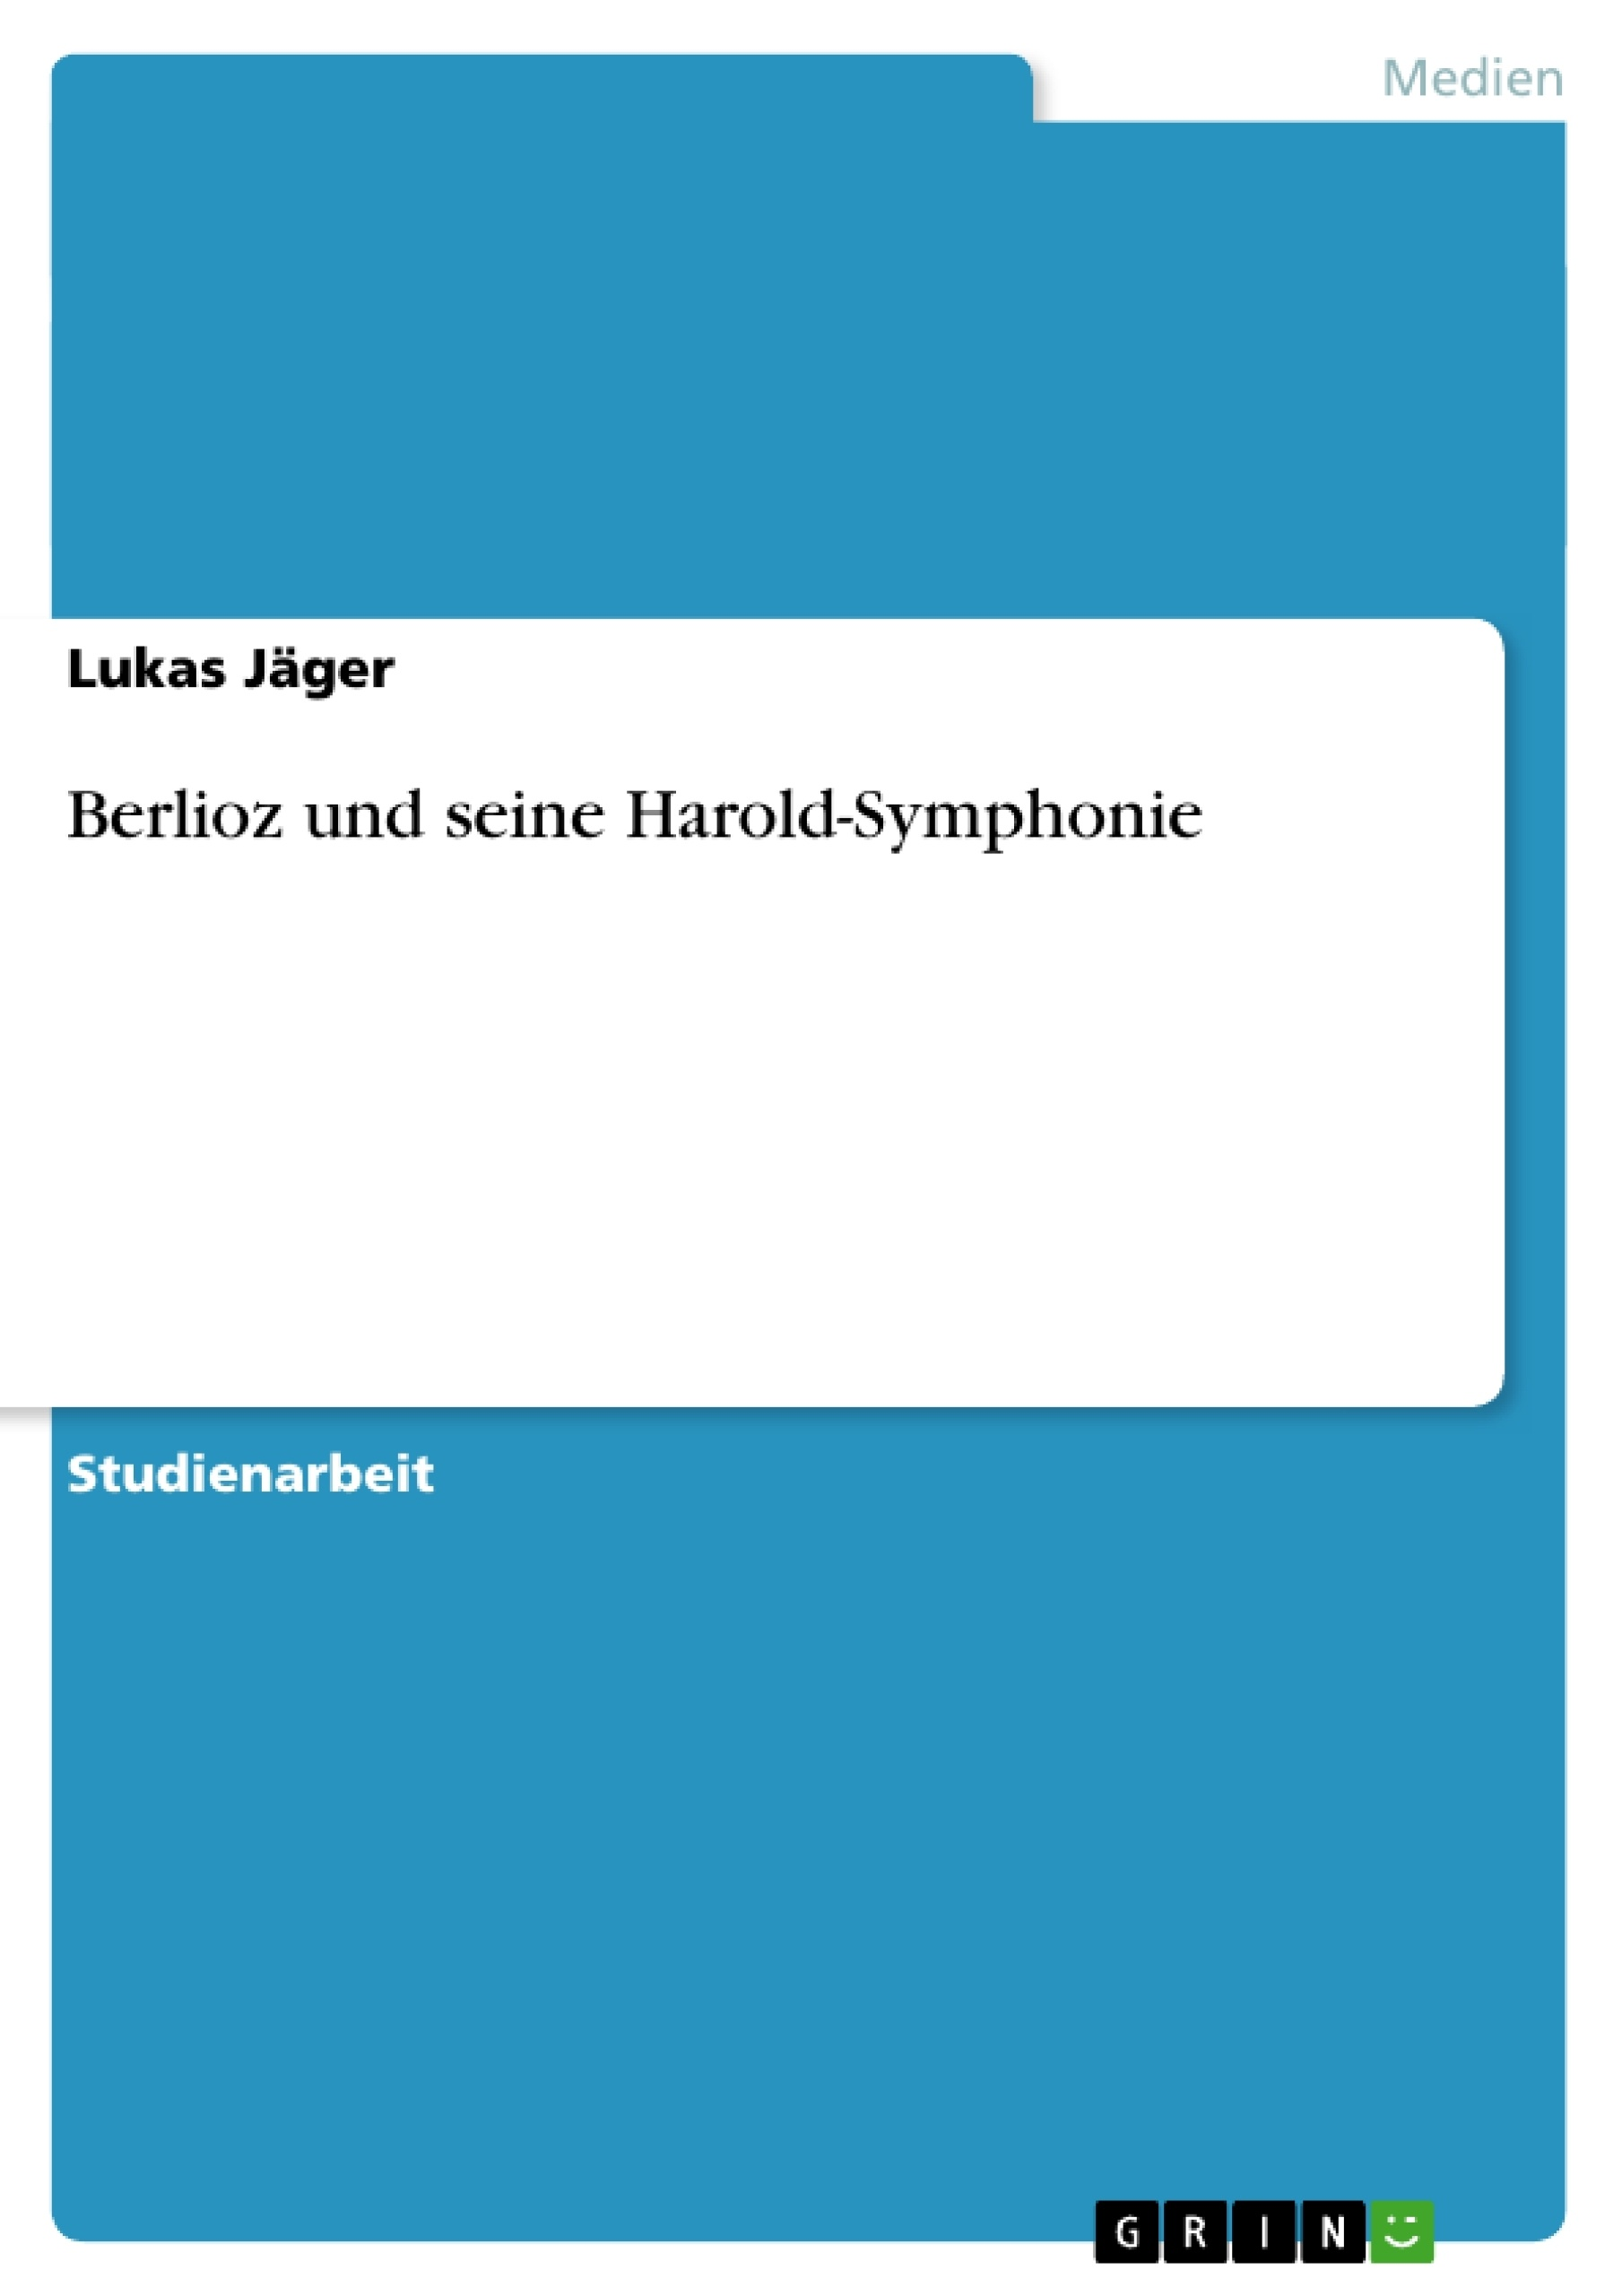 Titel: Berlioz und seine Harold-Symphonie